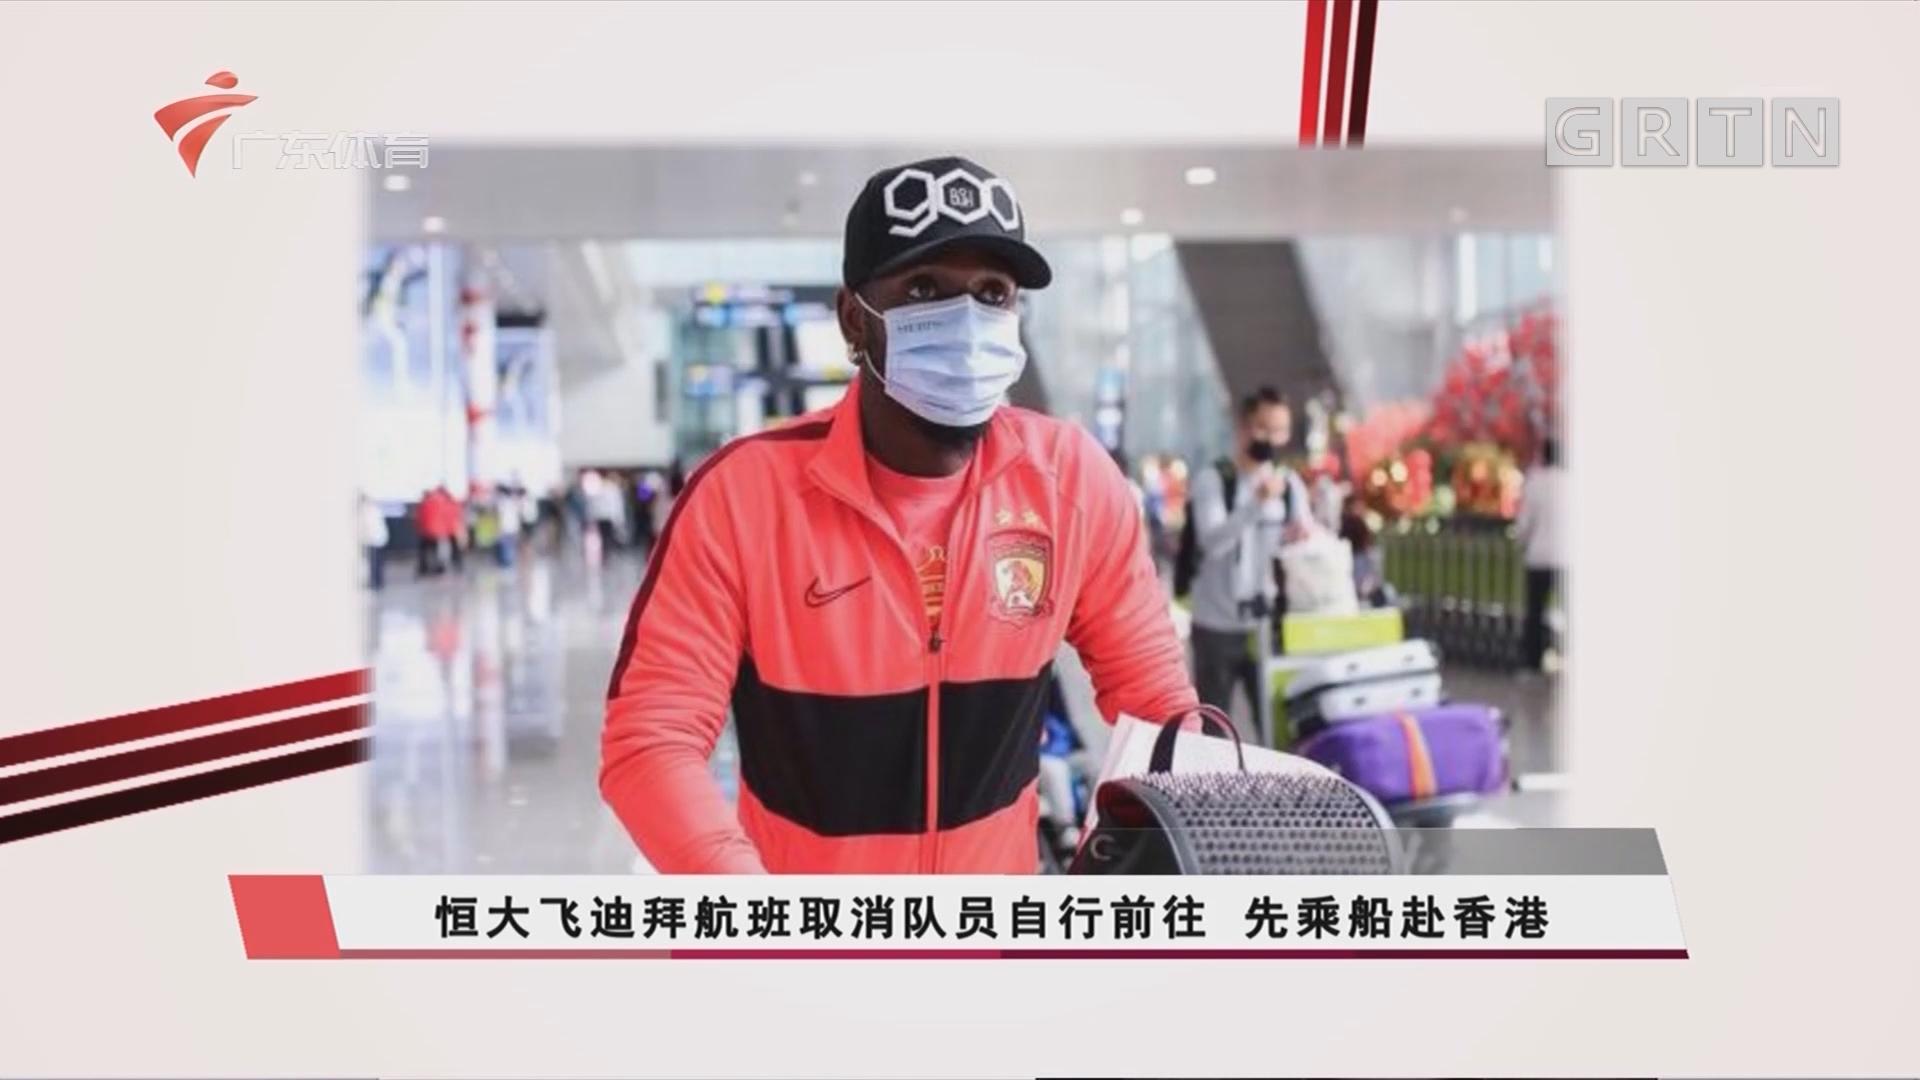 恒大飞迪拜航班取消队员自行前往 先乘船赴香港